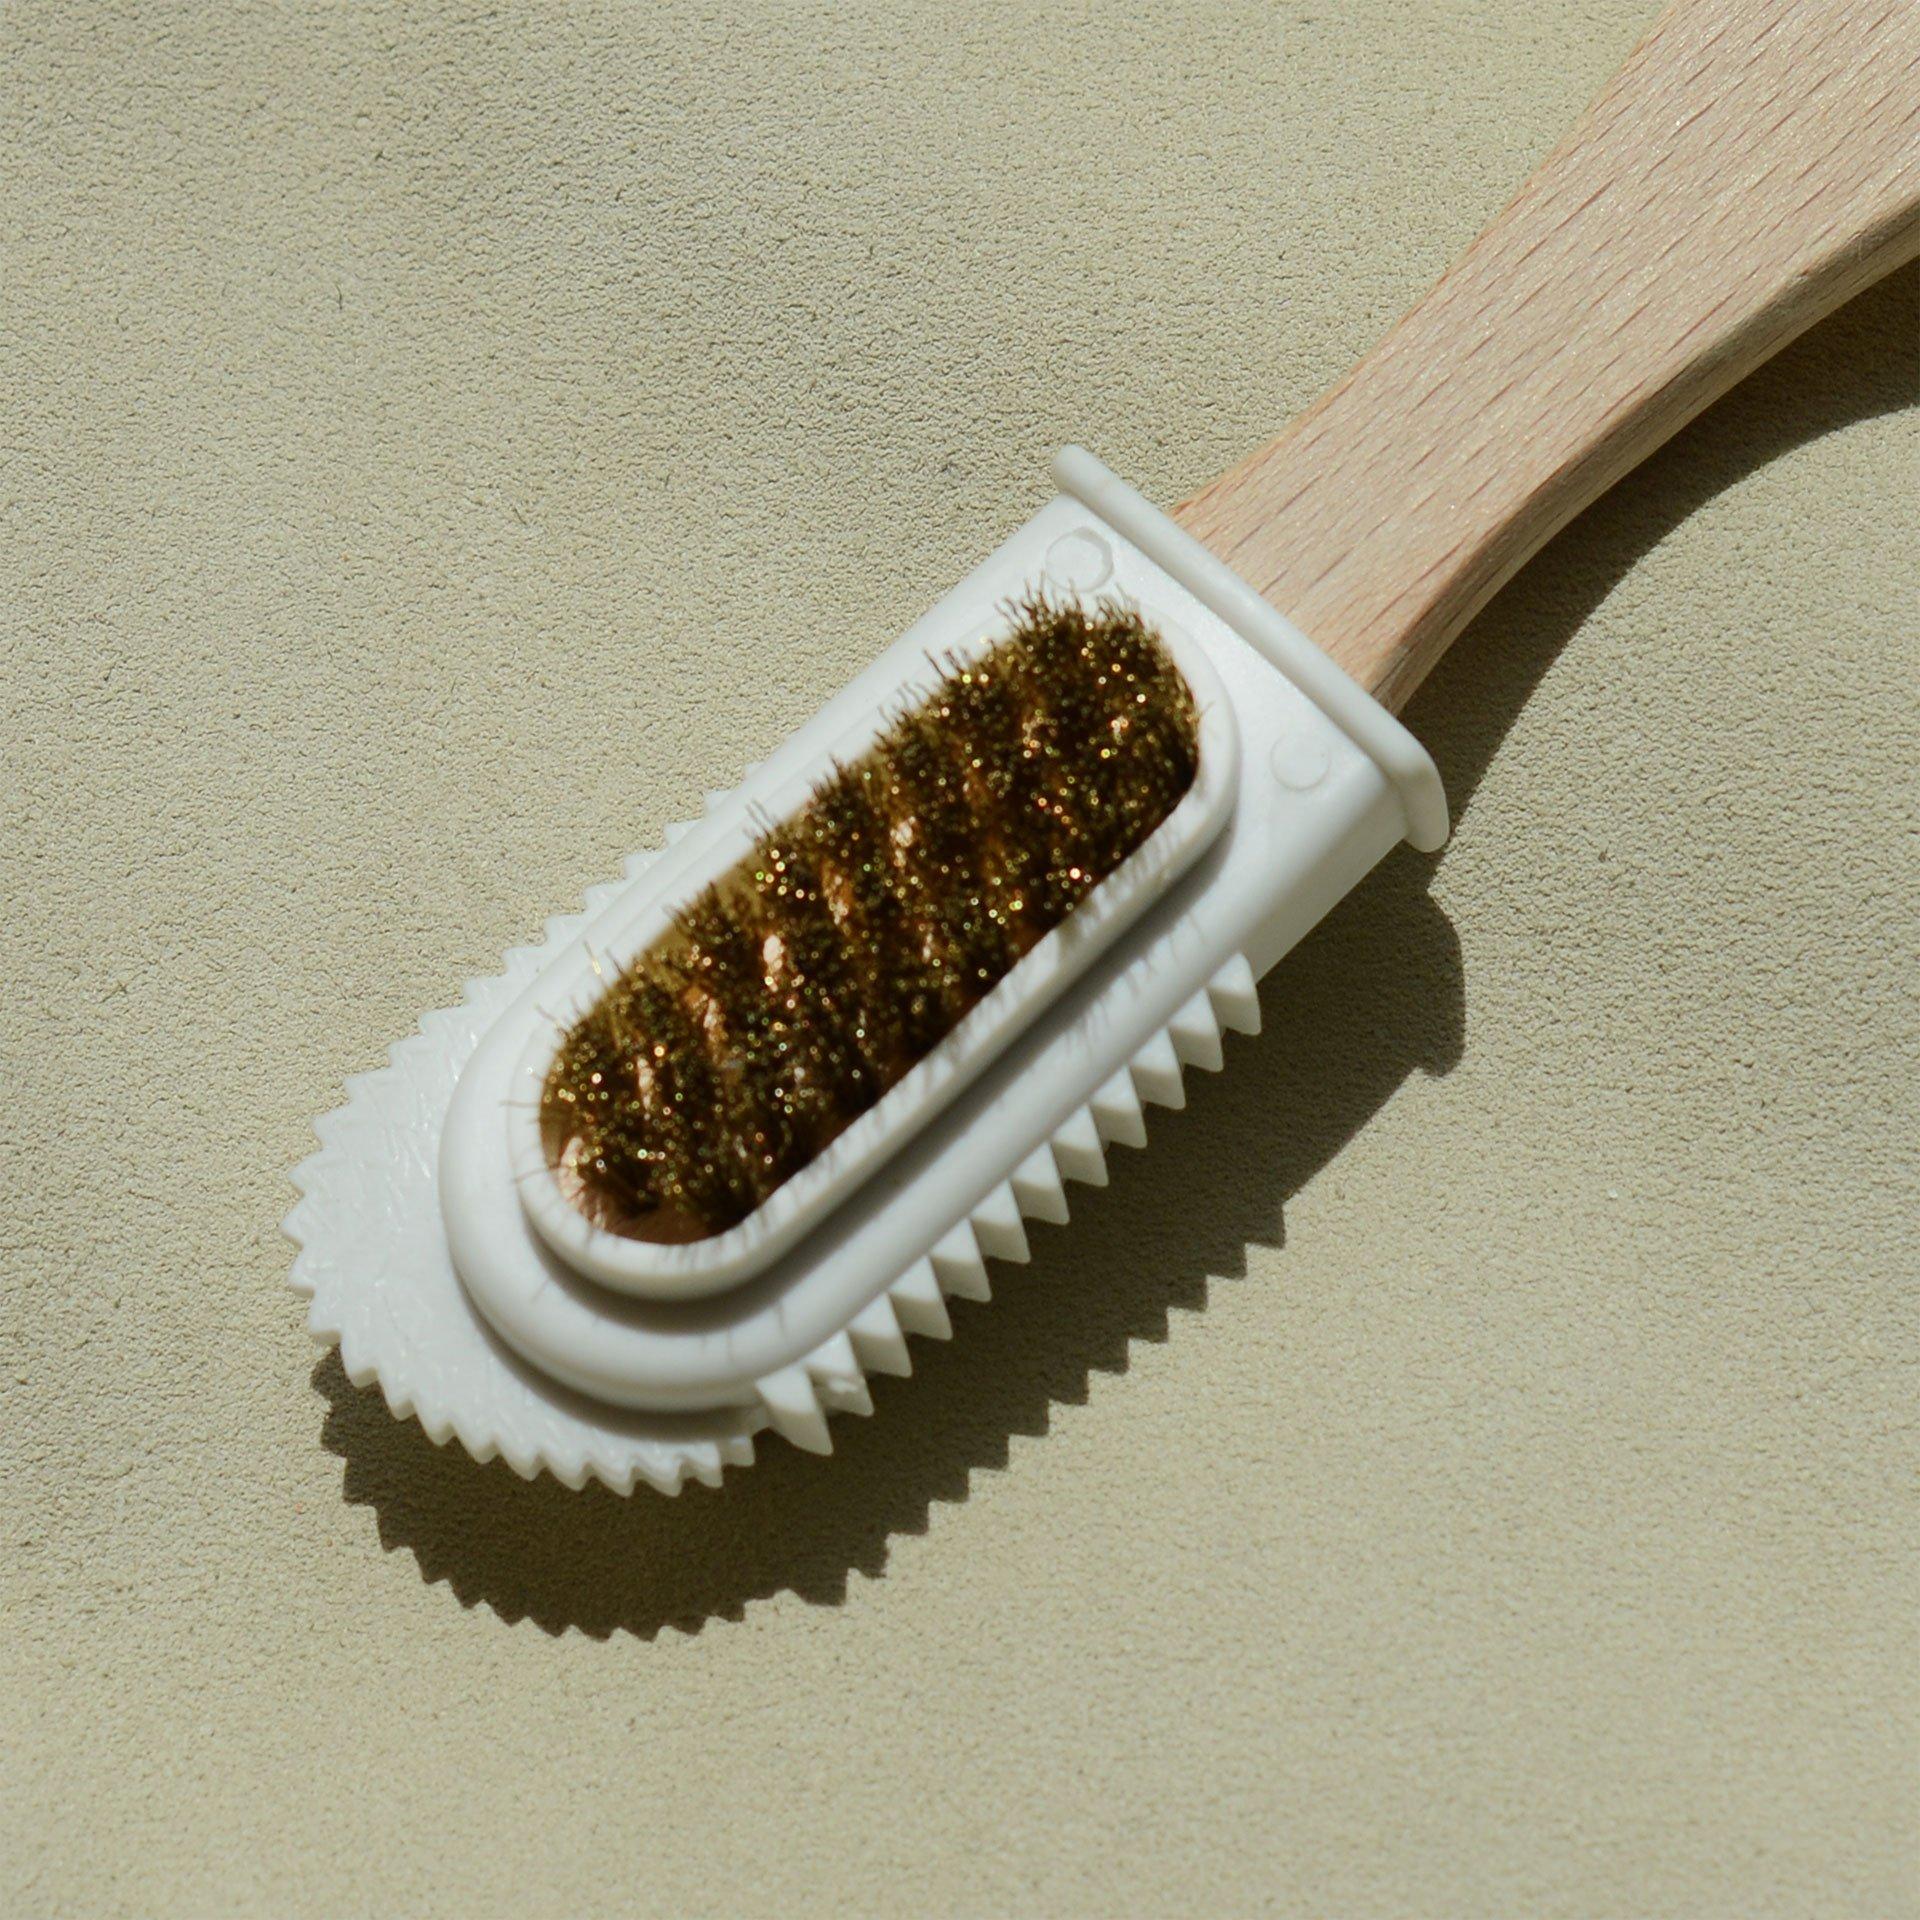 Suede brush (image n°4)